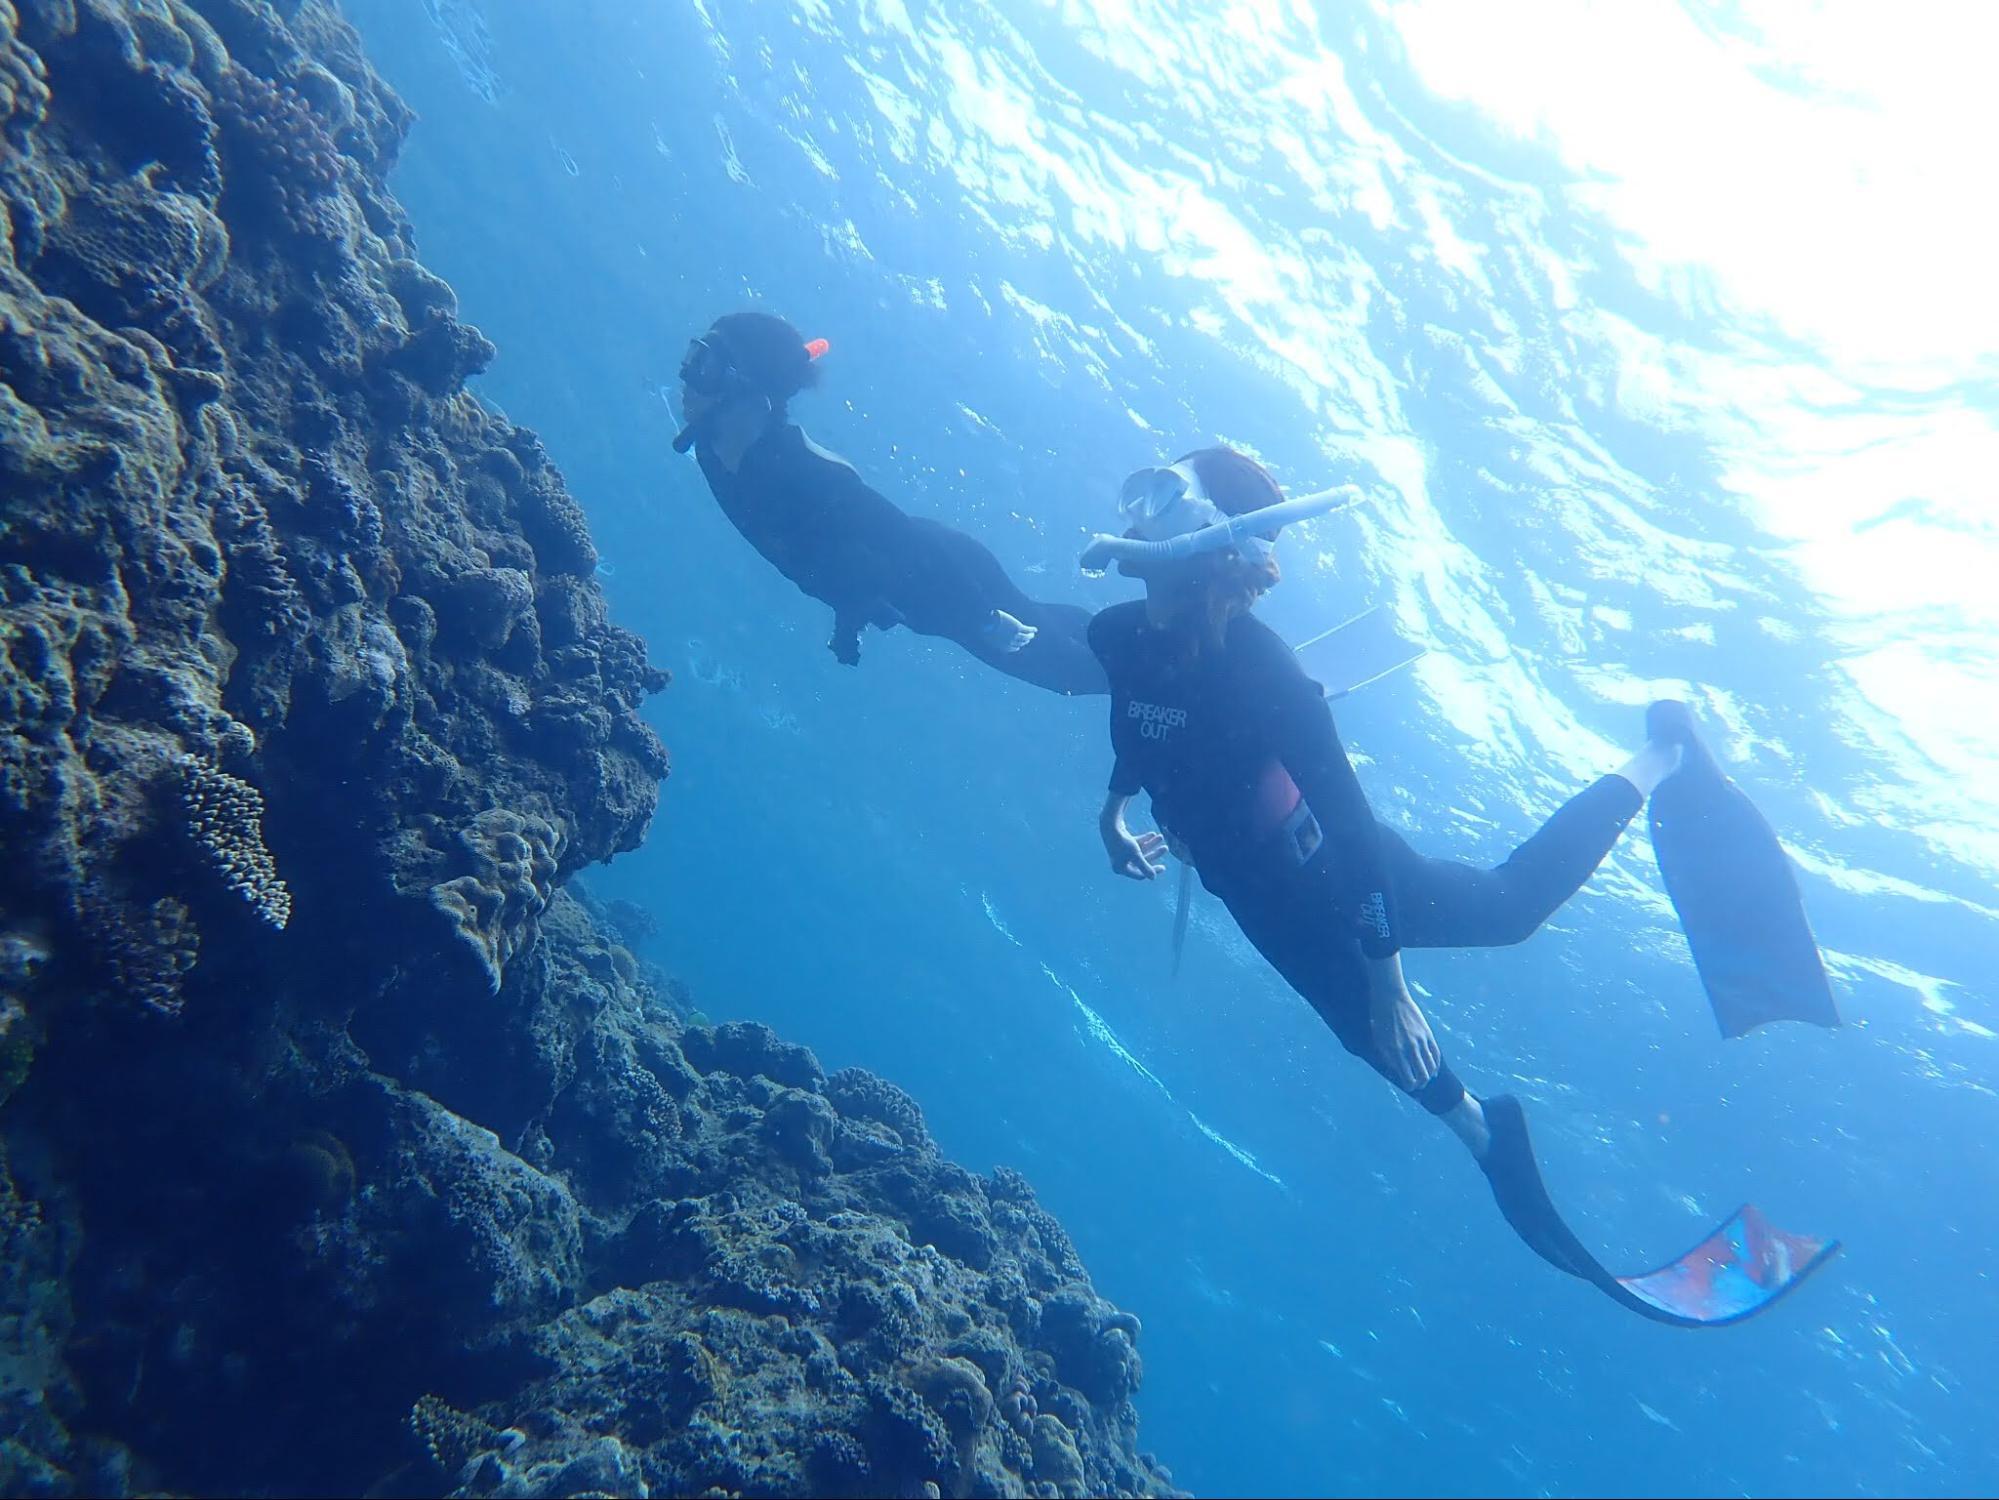 潜水する二人のダイバー